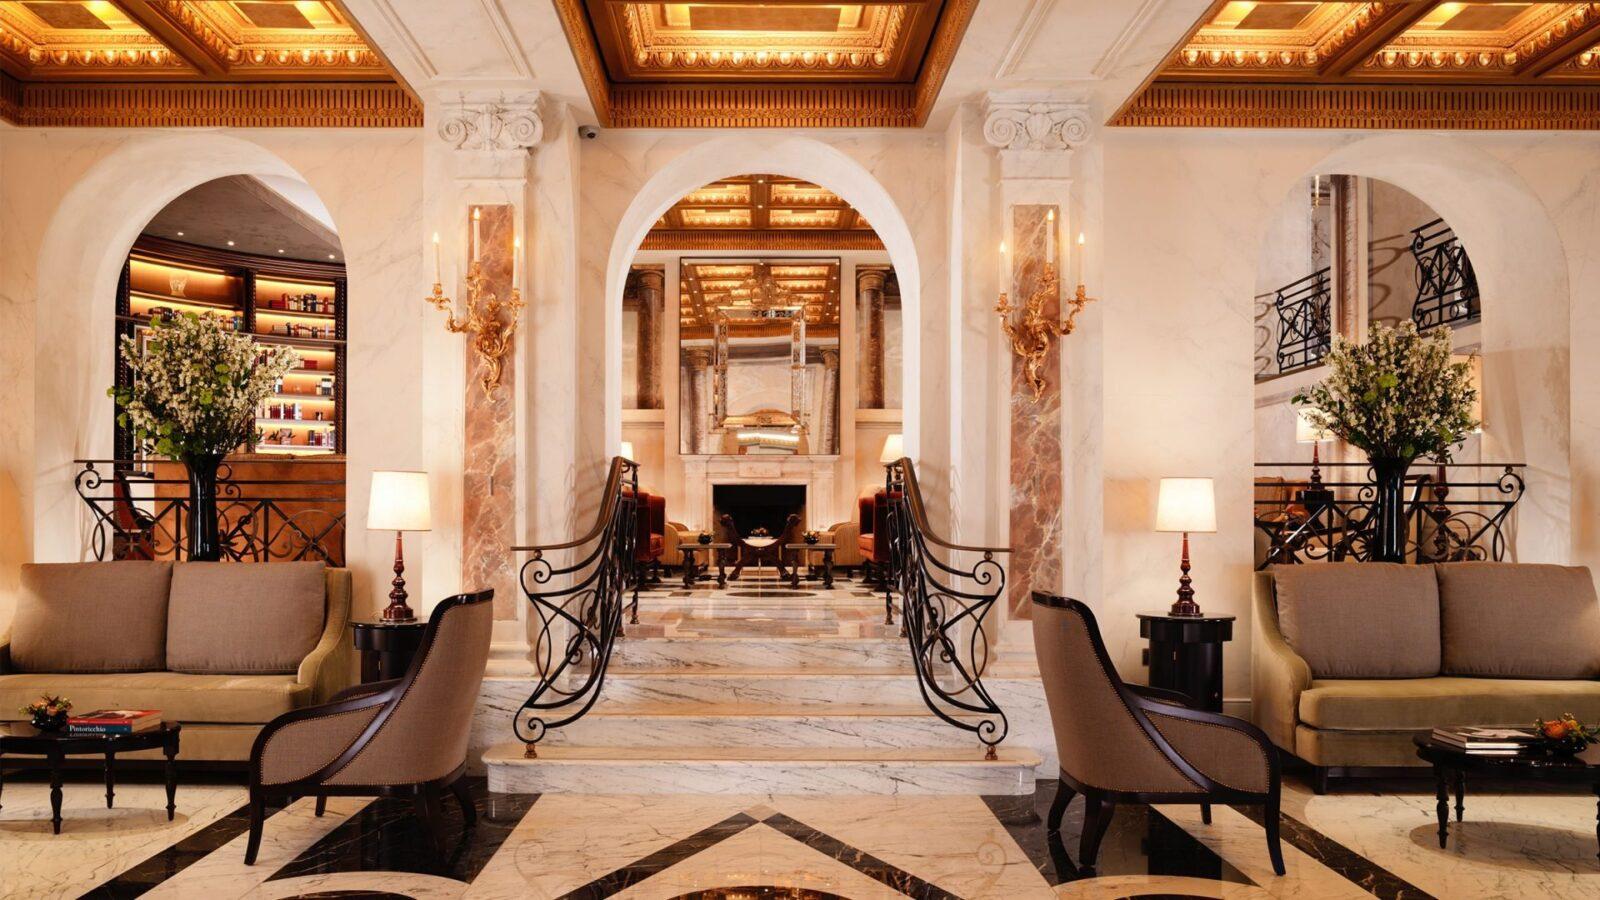 Hotel eden dorchester collection - Hotel eden en roma ...